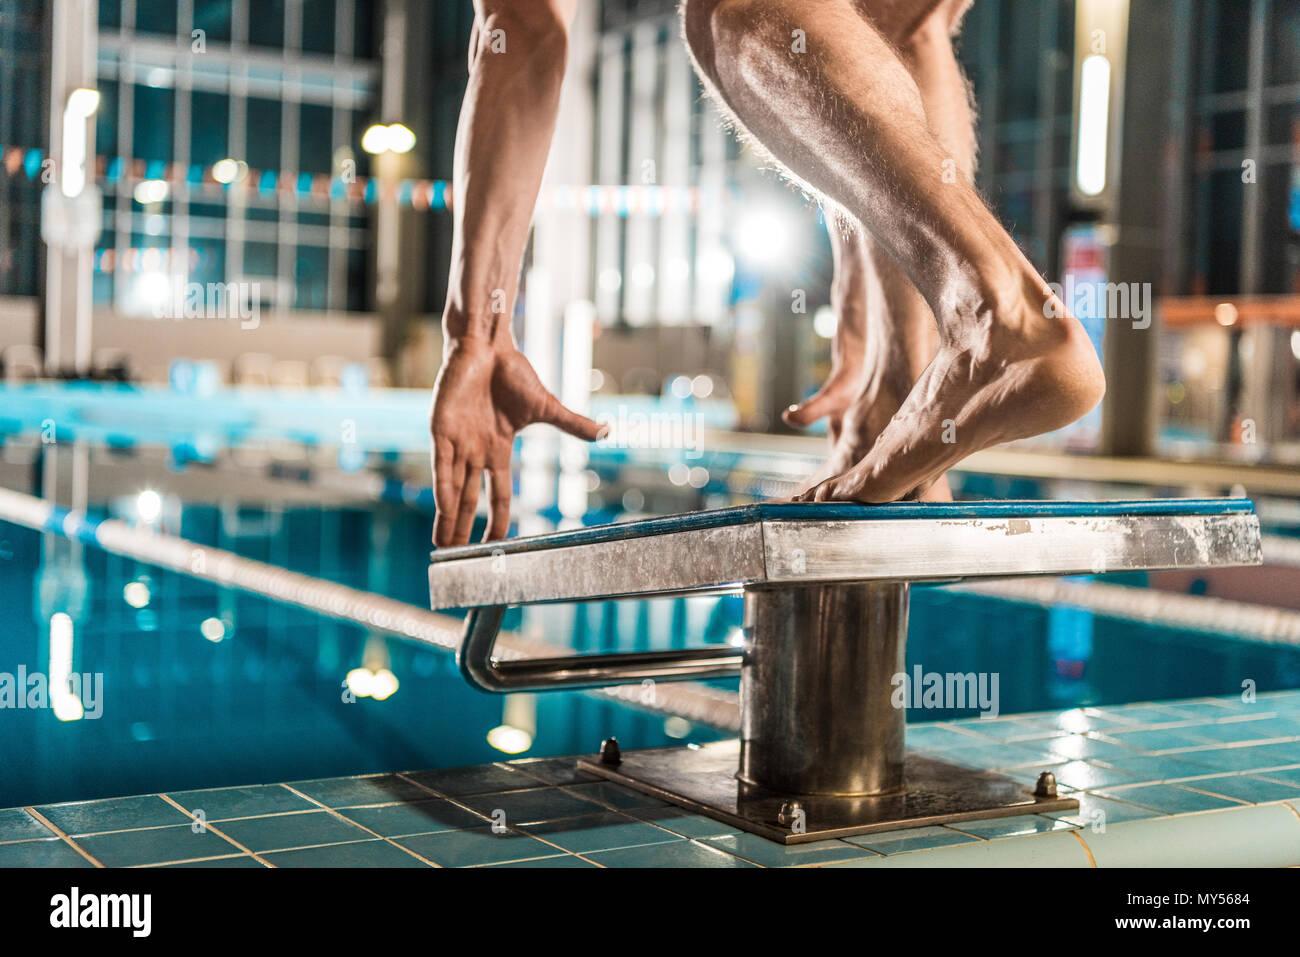 Vista ritagliata del nuotatore in piedi sul trampolino pronti a saltare in concorrenza piscina Immagini Stock